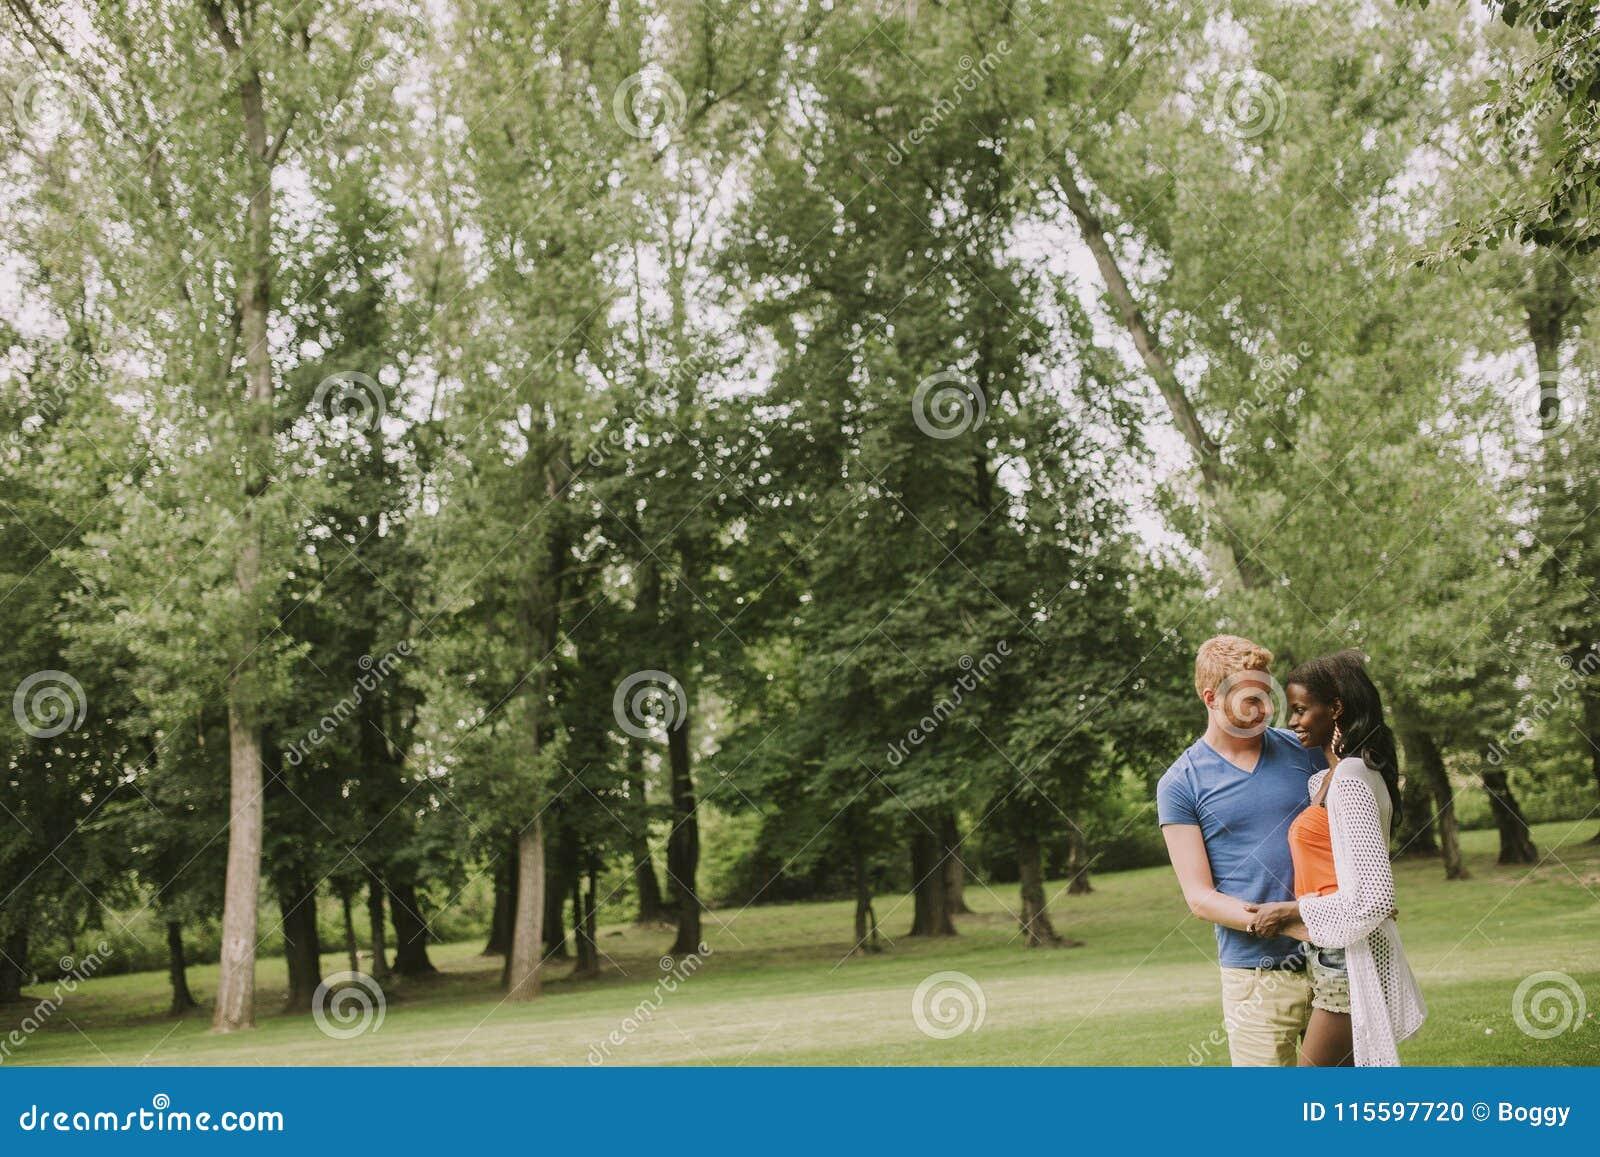 Multiraciaal koppel in het park